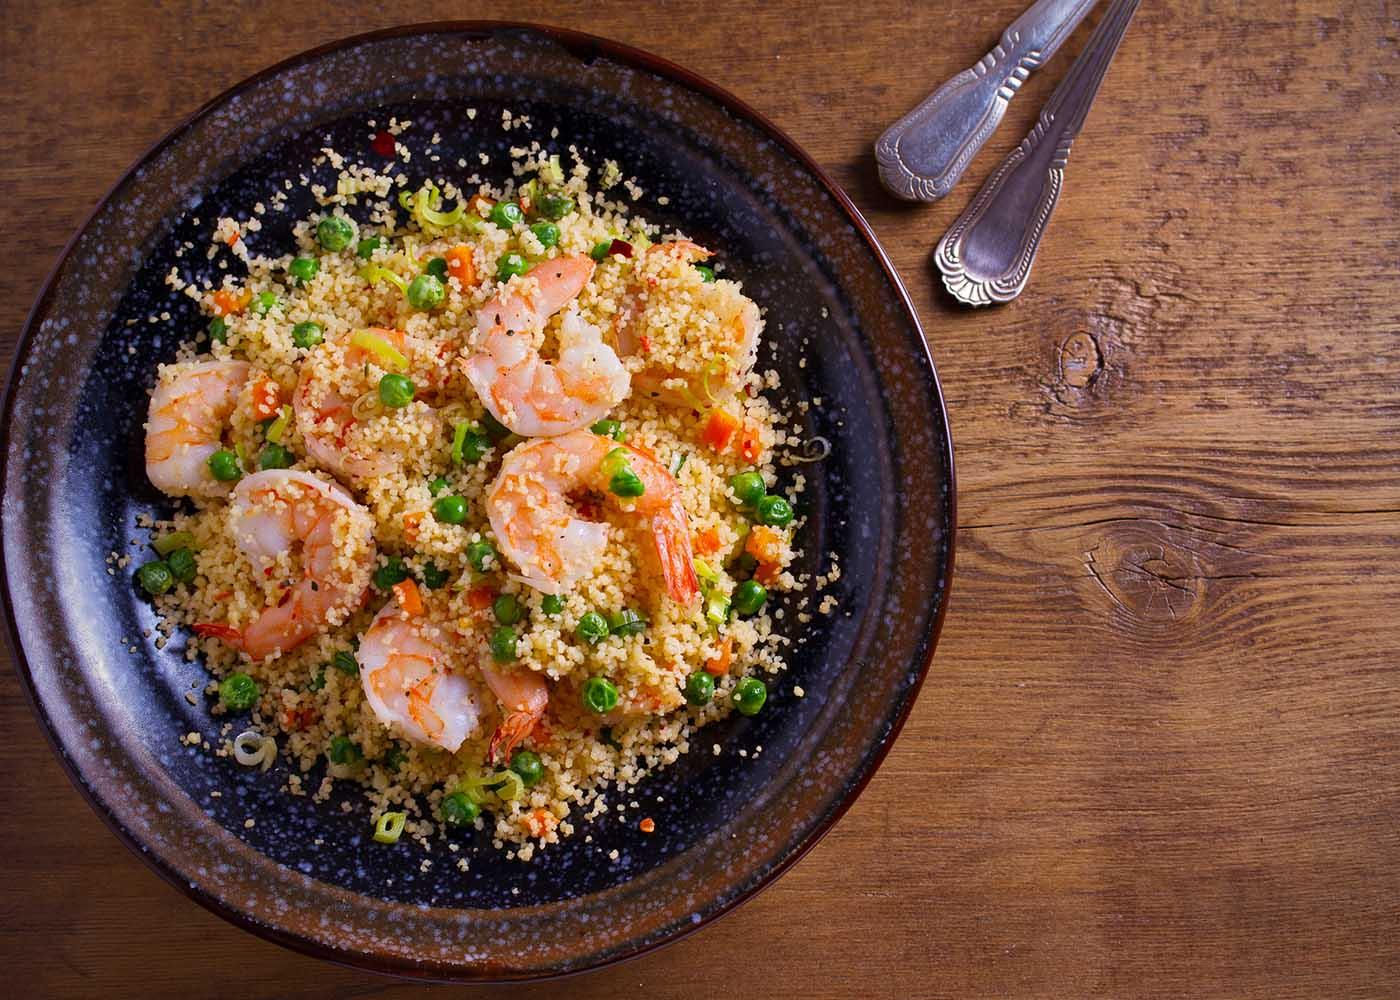 Cuscuz de legumes com camarão em prato escuro